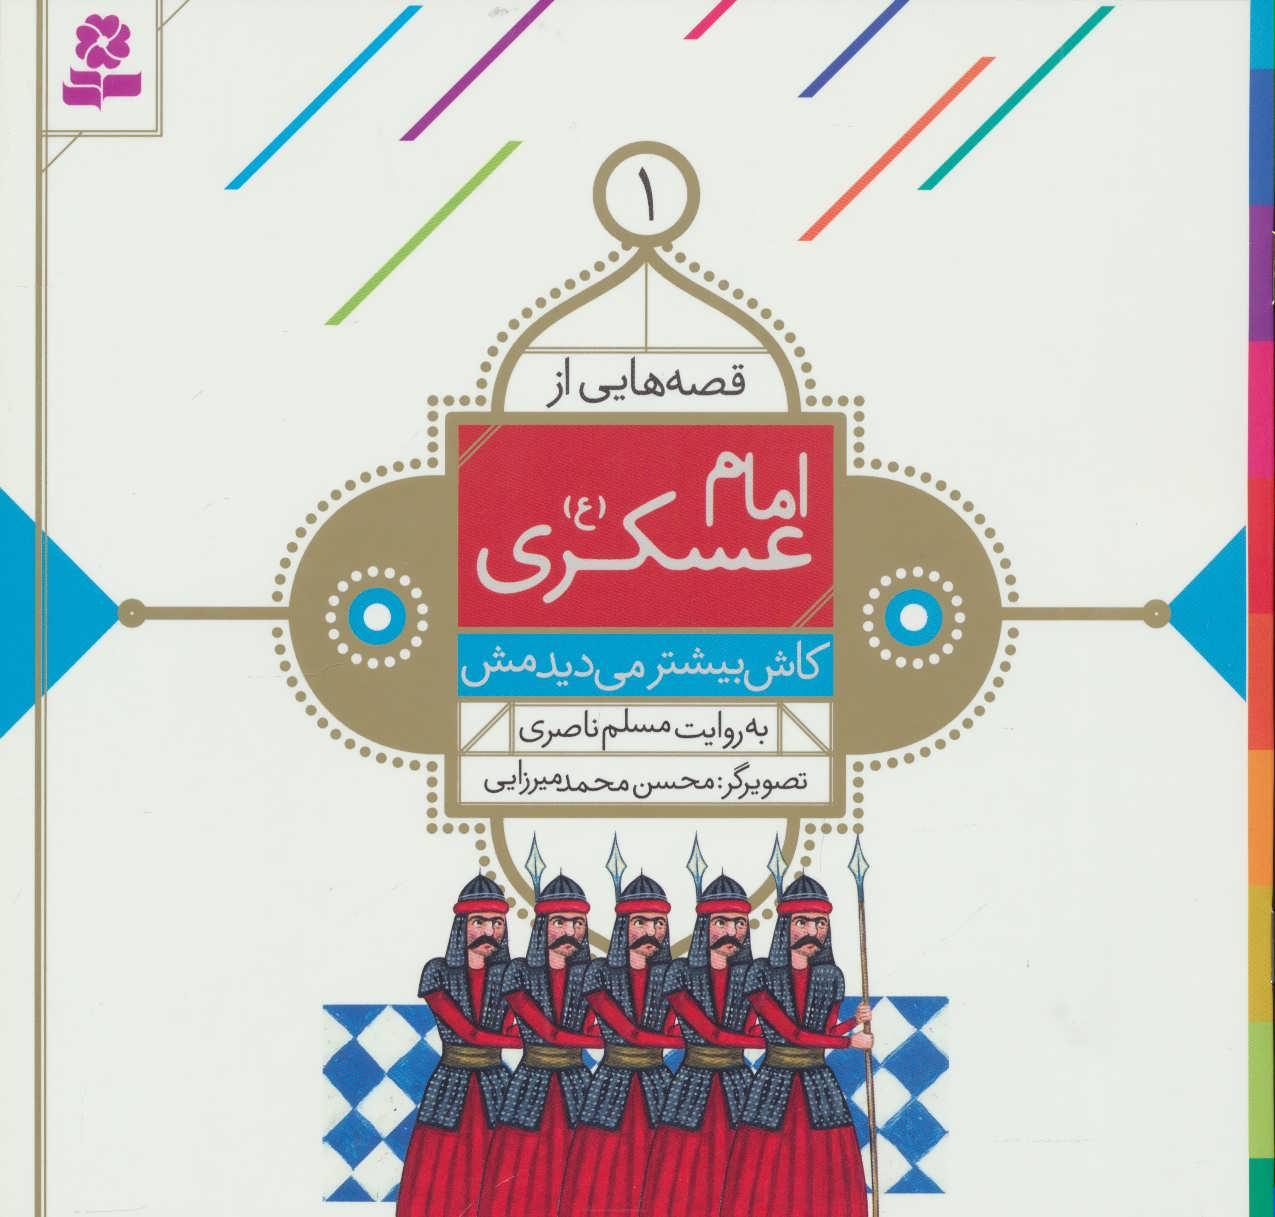 قصه هایی از امام عسکری (ع)،(10جلدی)